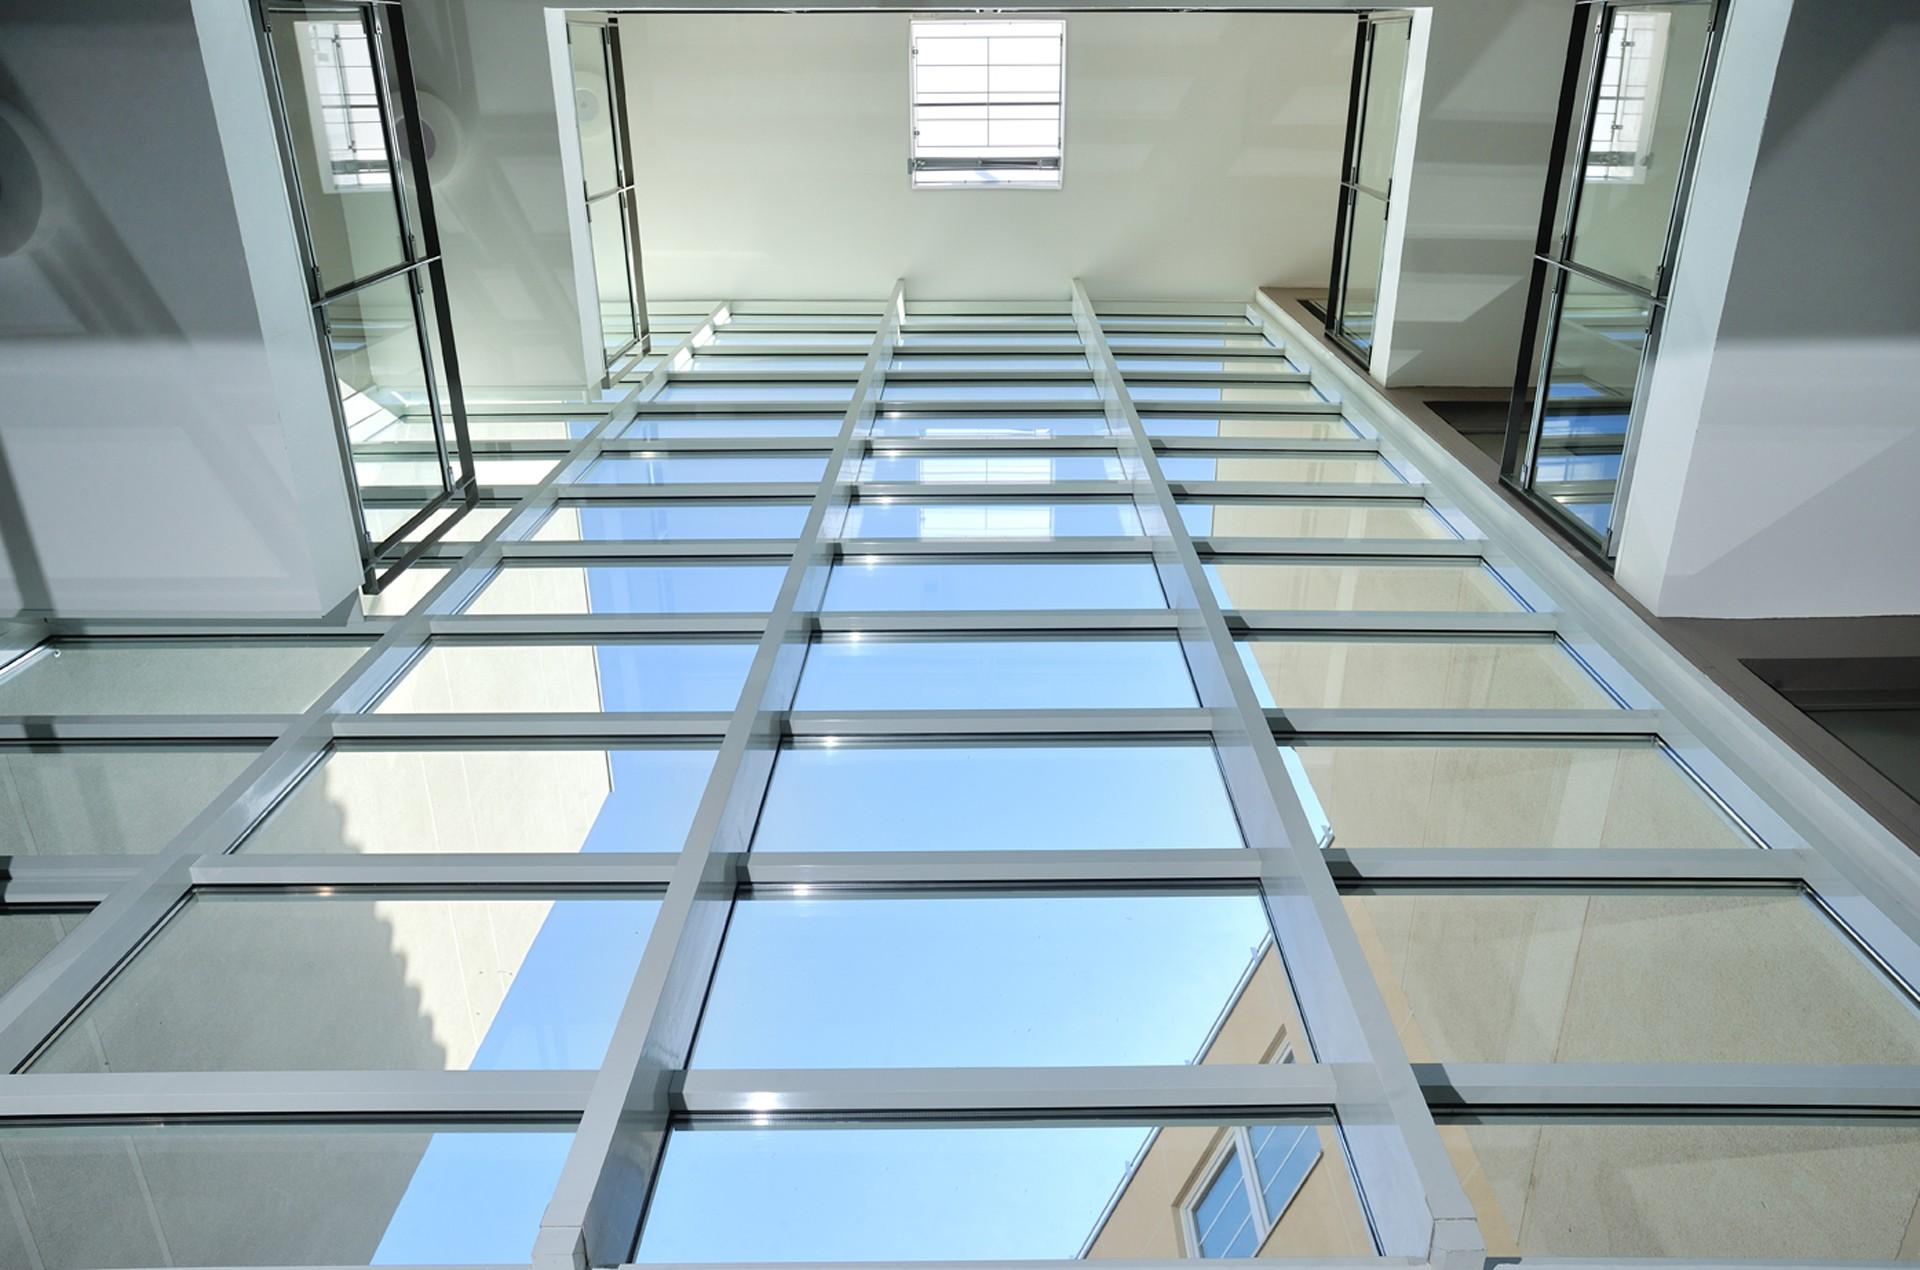 architec-cour-des-monts-dor-vitres-résidence- etudiante-logements